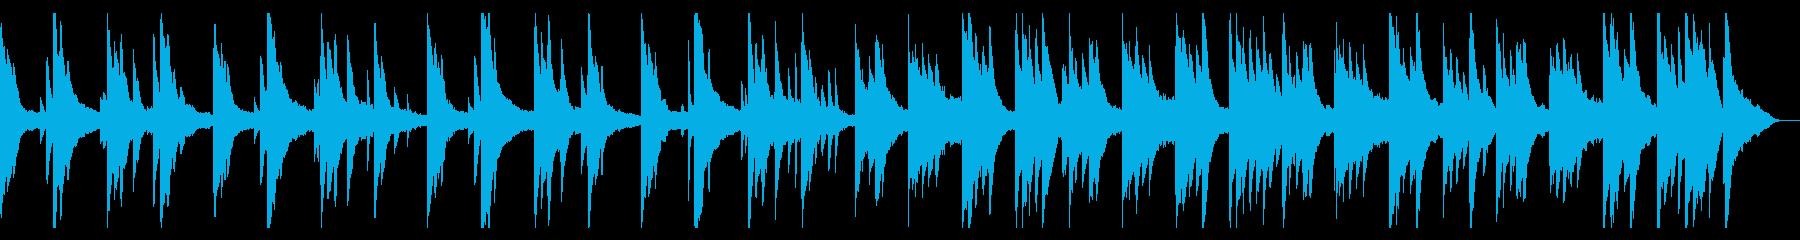 日常系の静かなピアノBGMの再生済みの波形